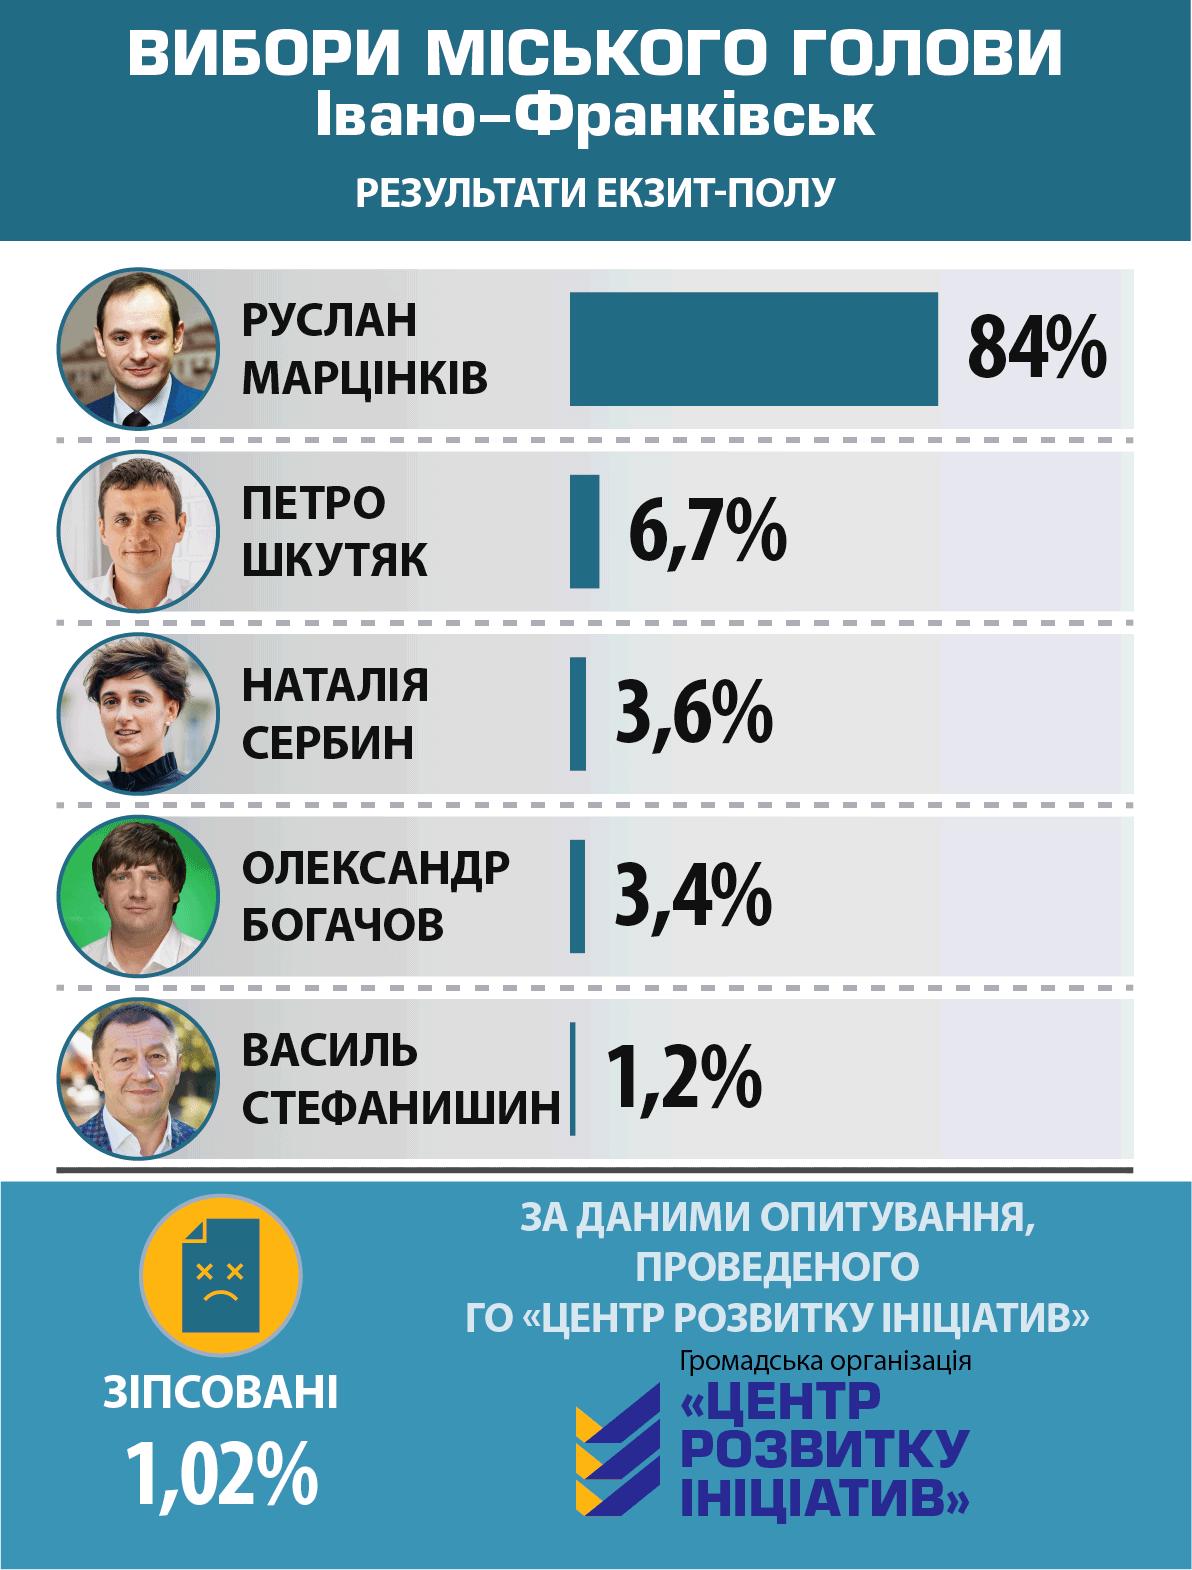 Выборы Ивано-Франковск